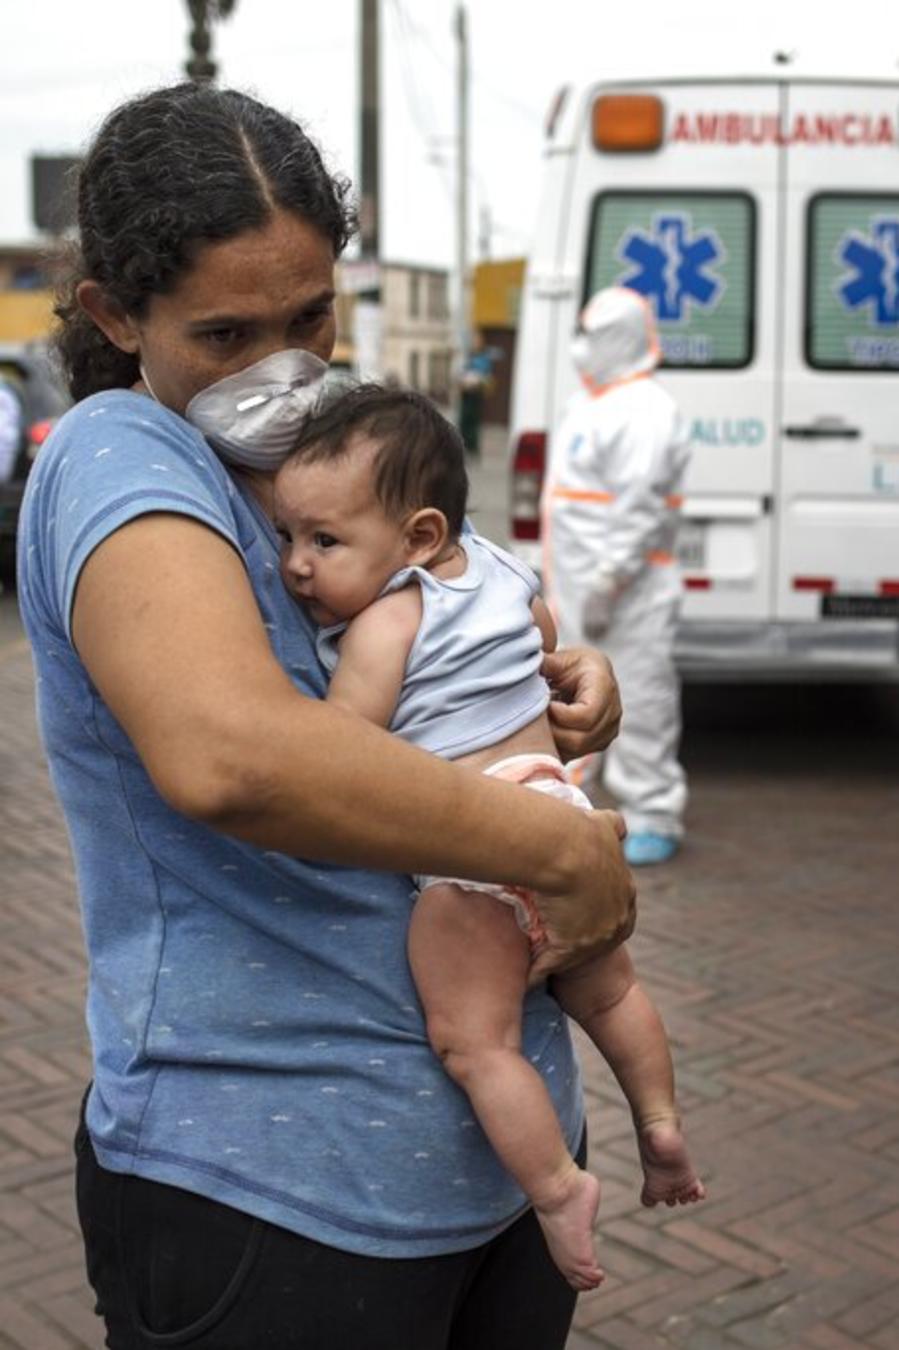 Una mujer venezolana con su bebé de 3 meses espera afuera de un albergue para personas sin techo en Perú.